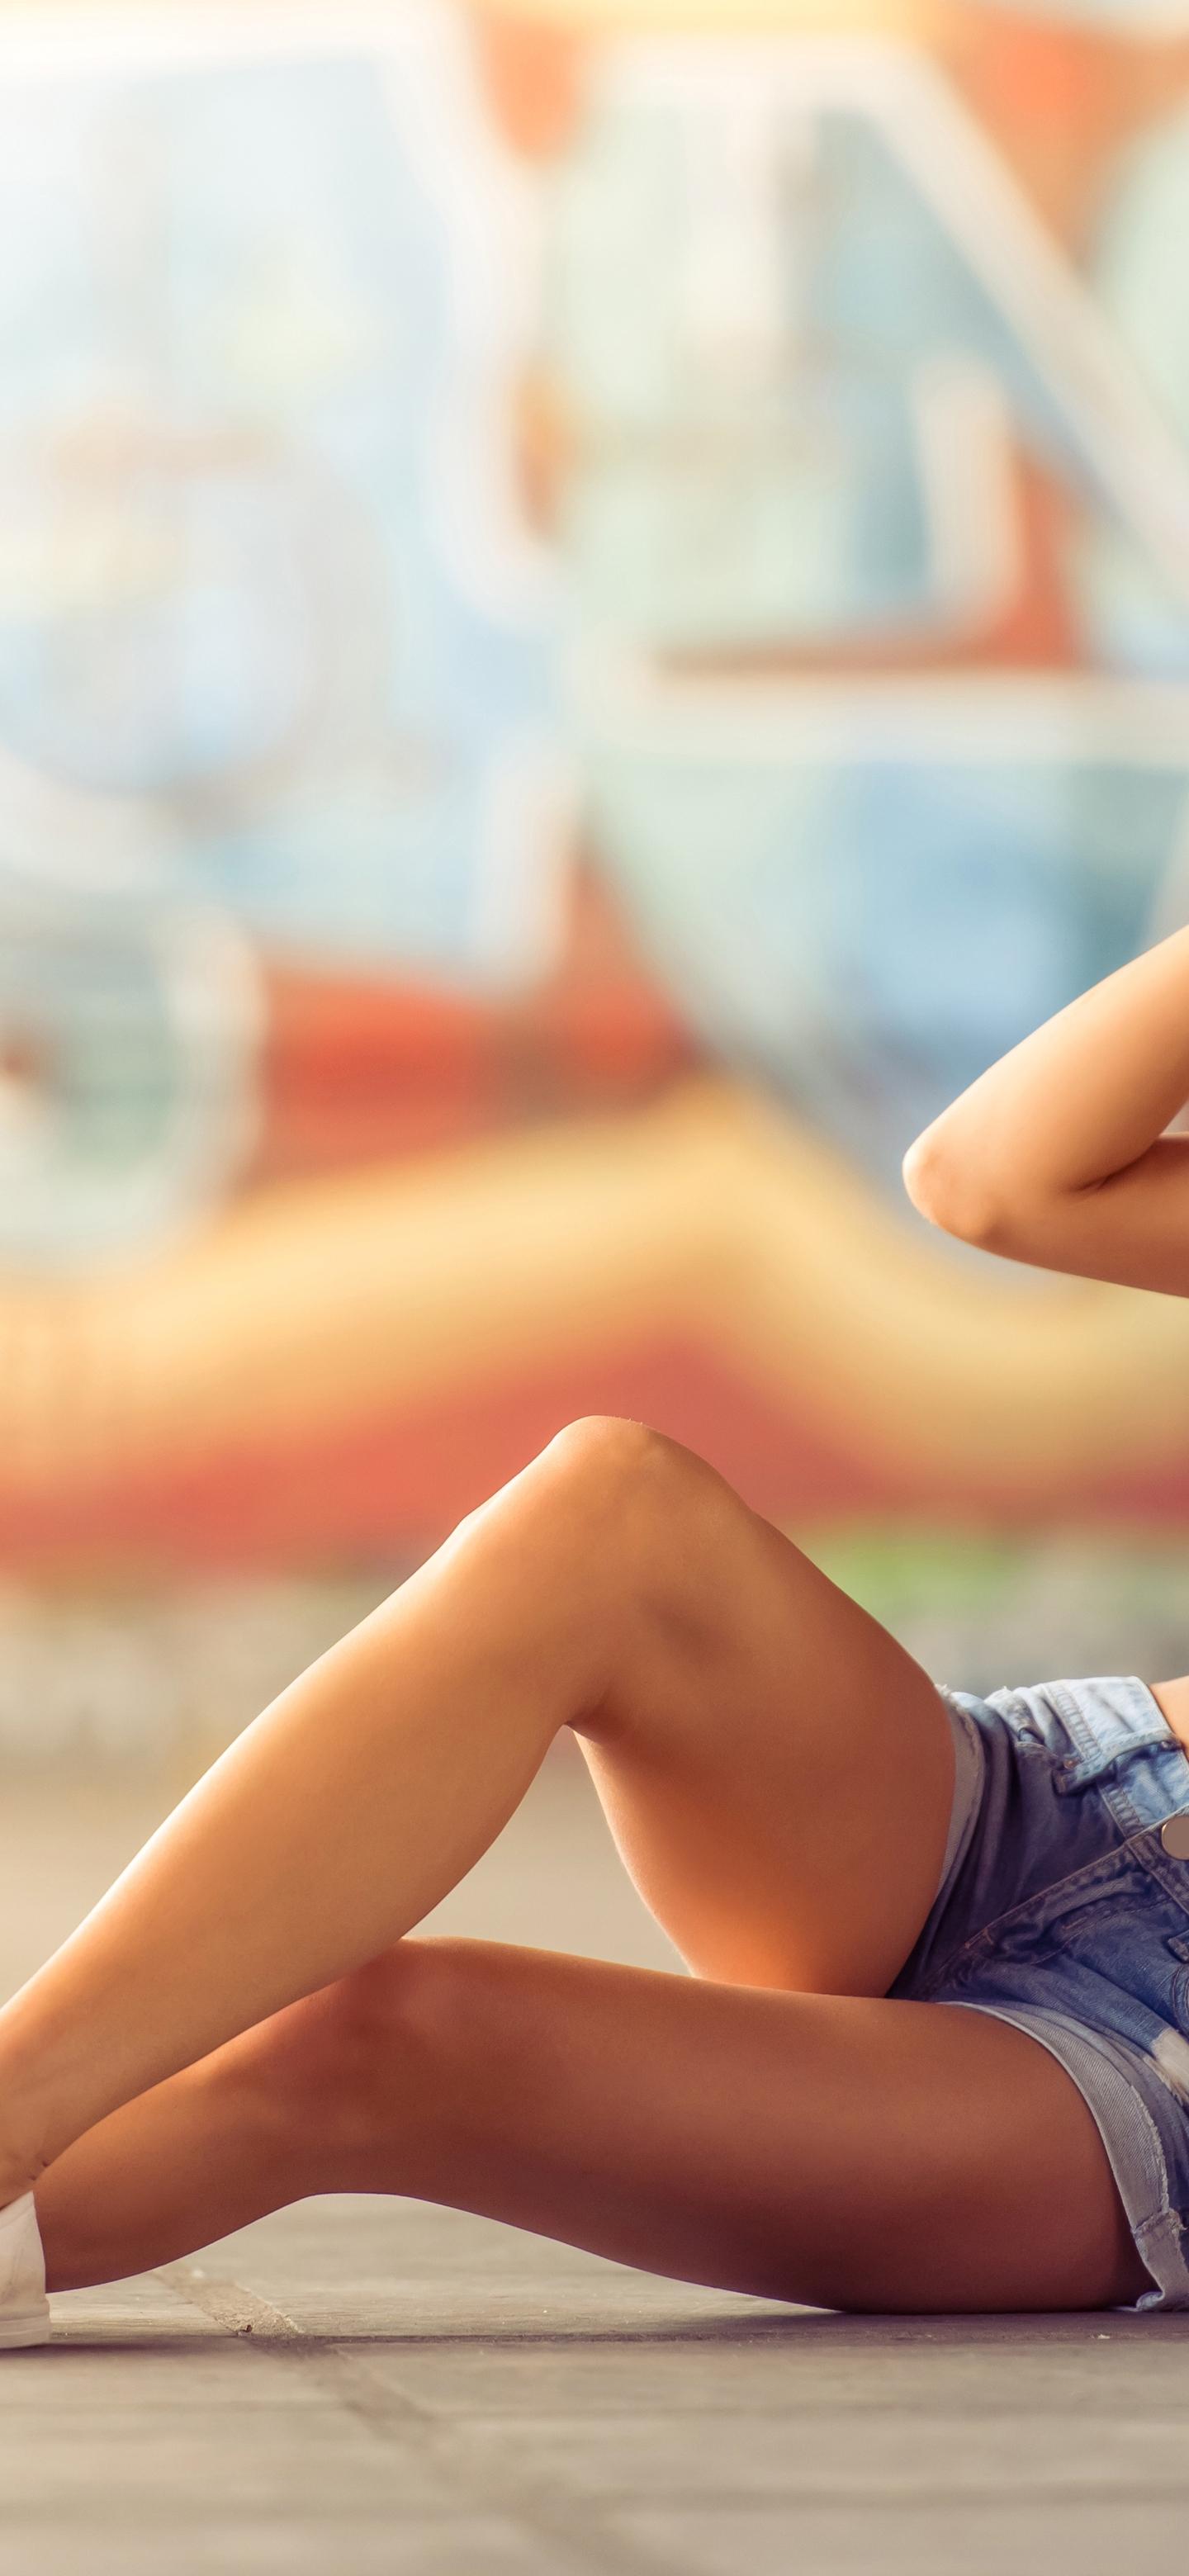 Картинка: Девушка, блондинка, кепка, очки, лежит, скейтборд, граффити